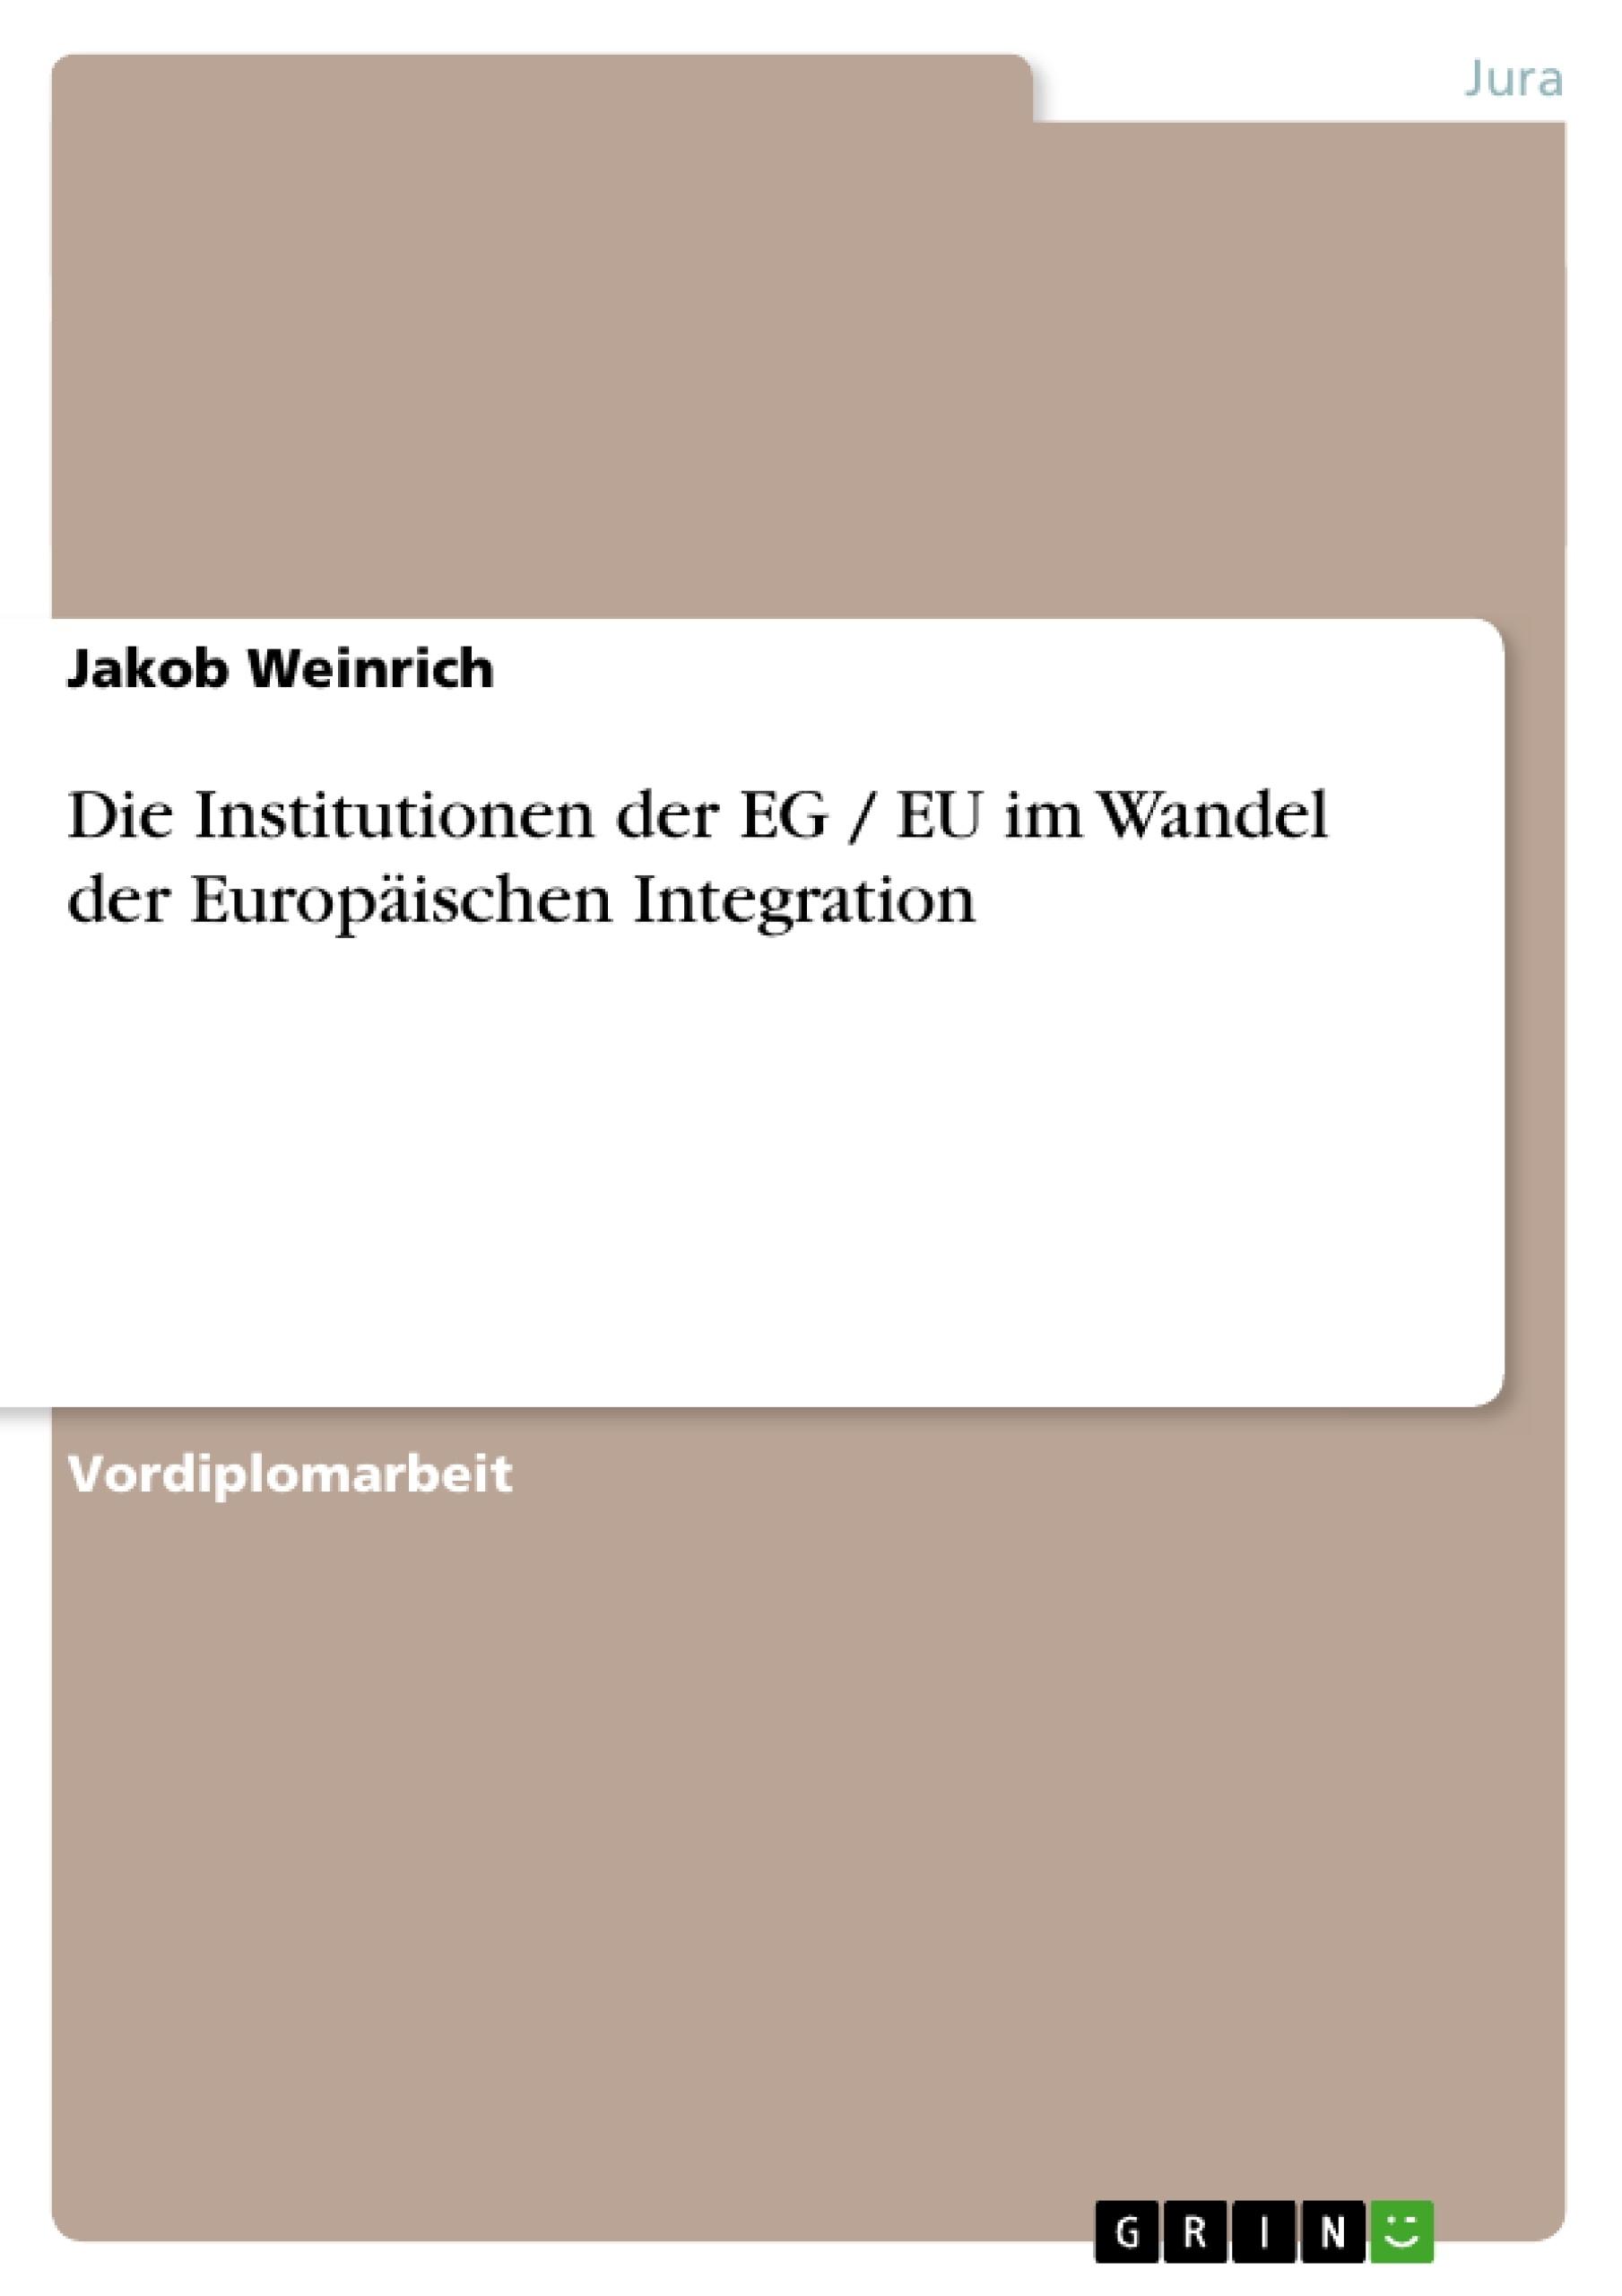 Titel: Die Institutionen der EG / EU im Wandel der Europäischen Integration